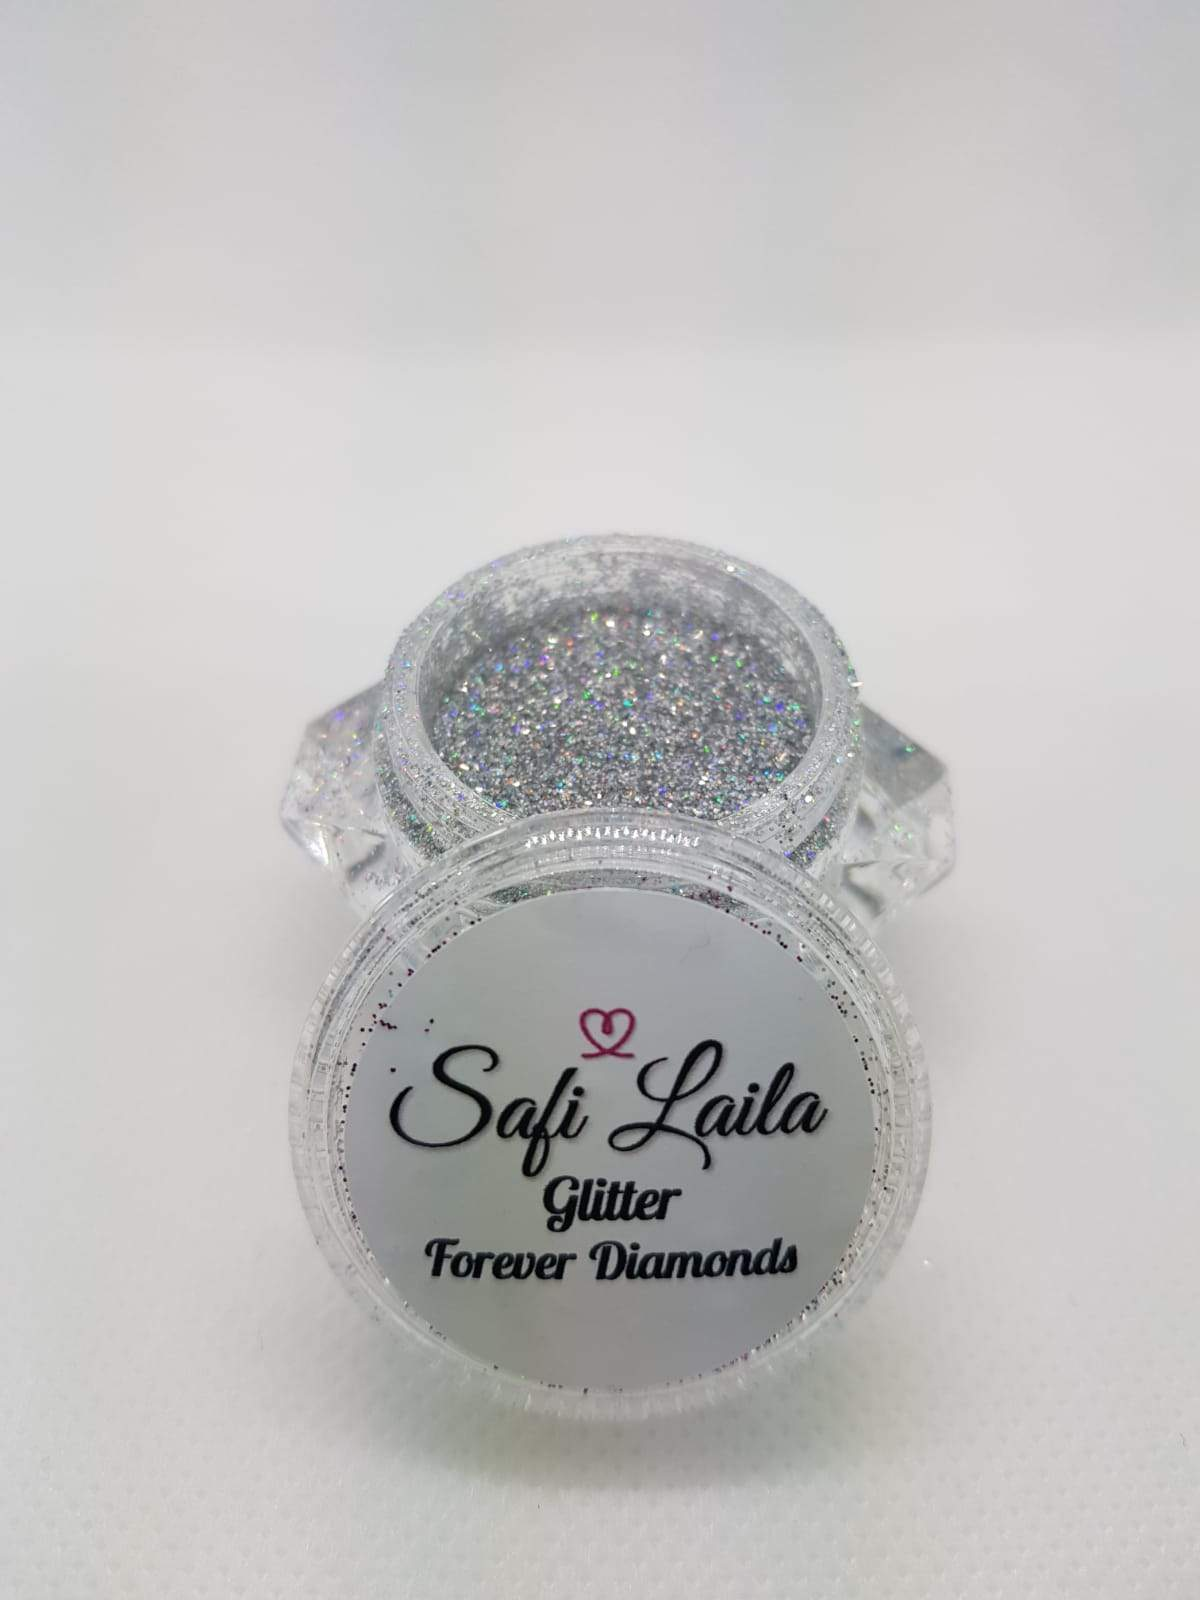 Image of Forever Diamonds Glitter